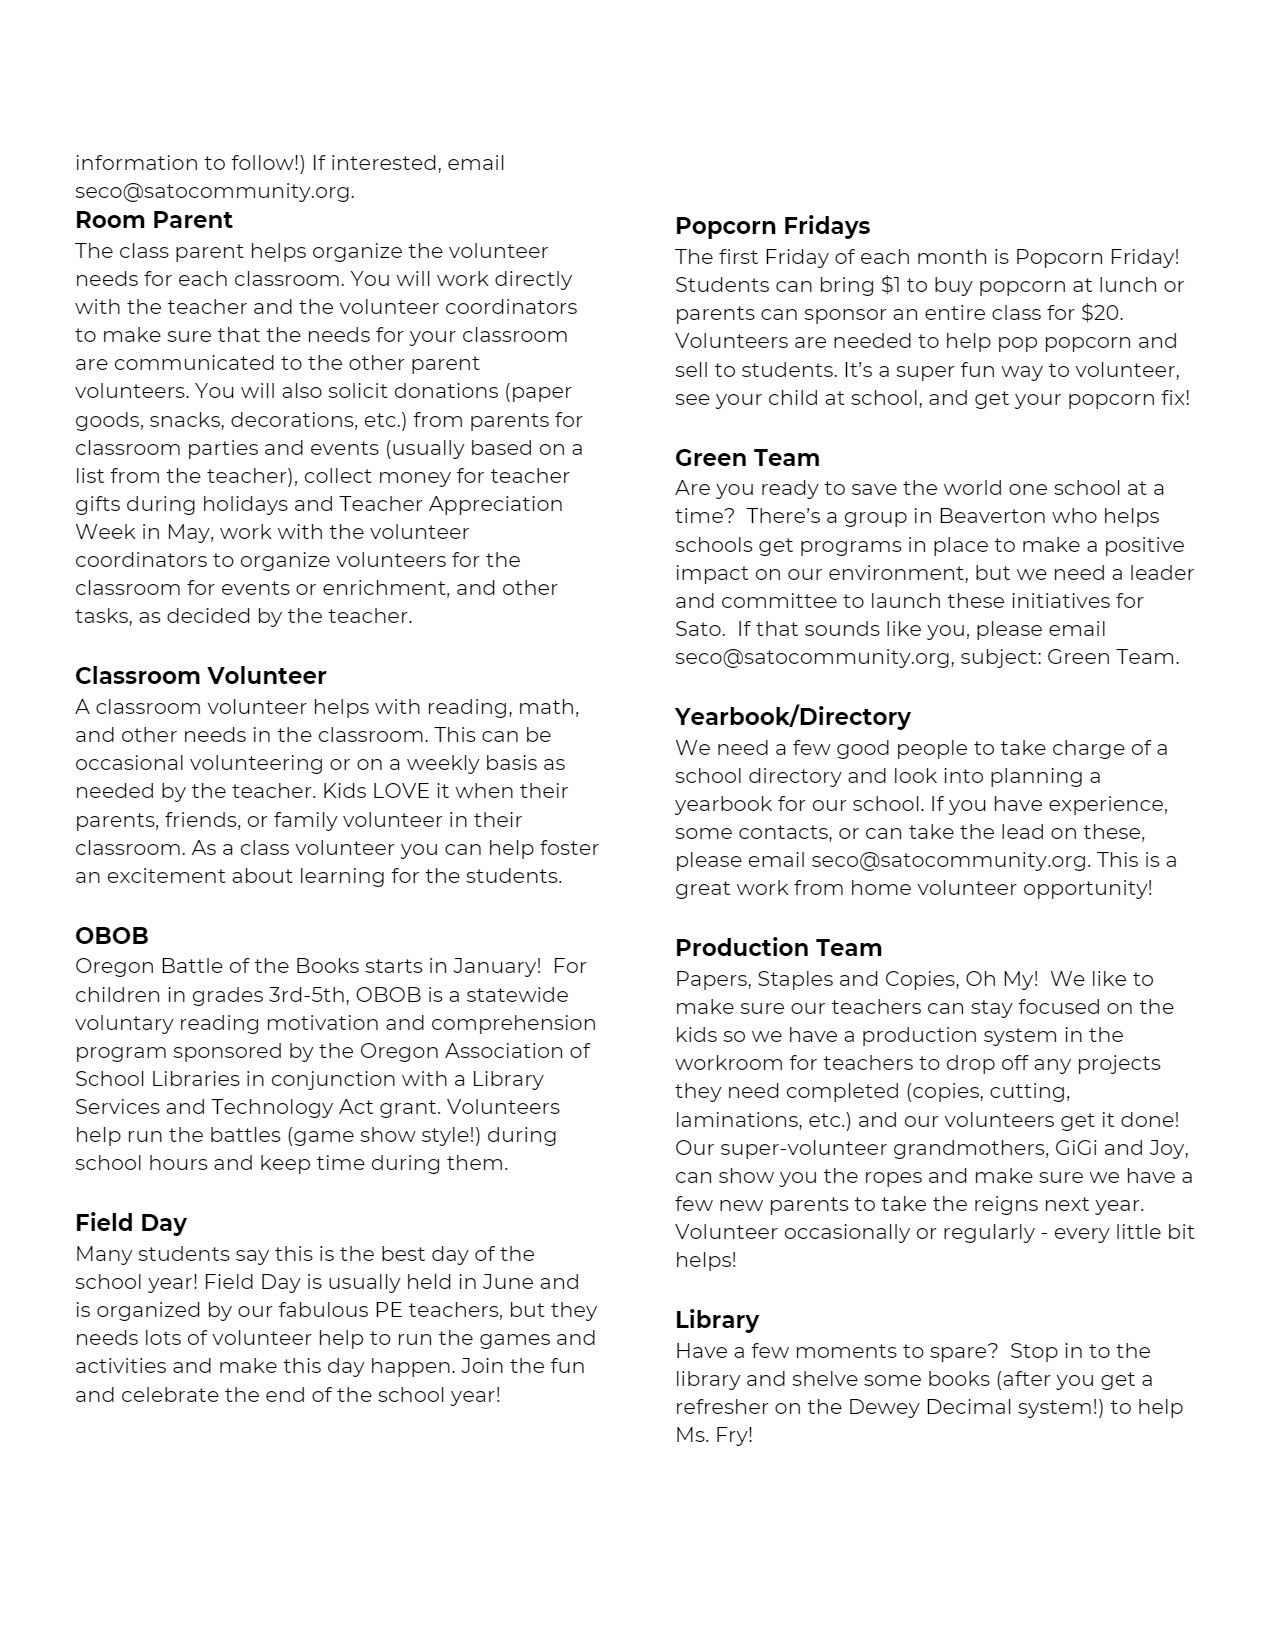 Copy of Volunteer Opportunities-2.jpg